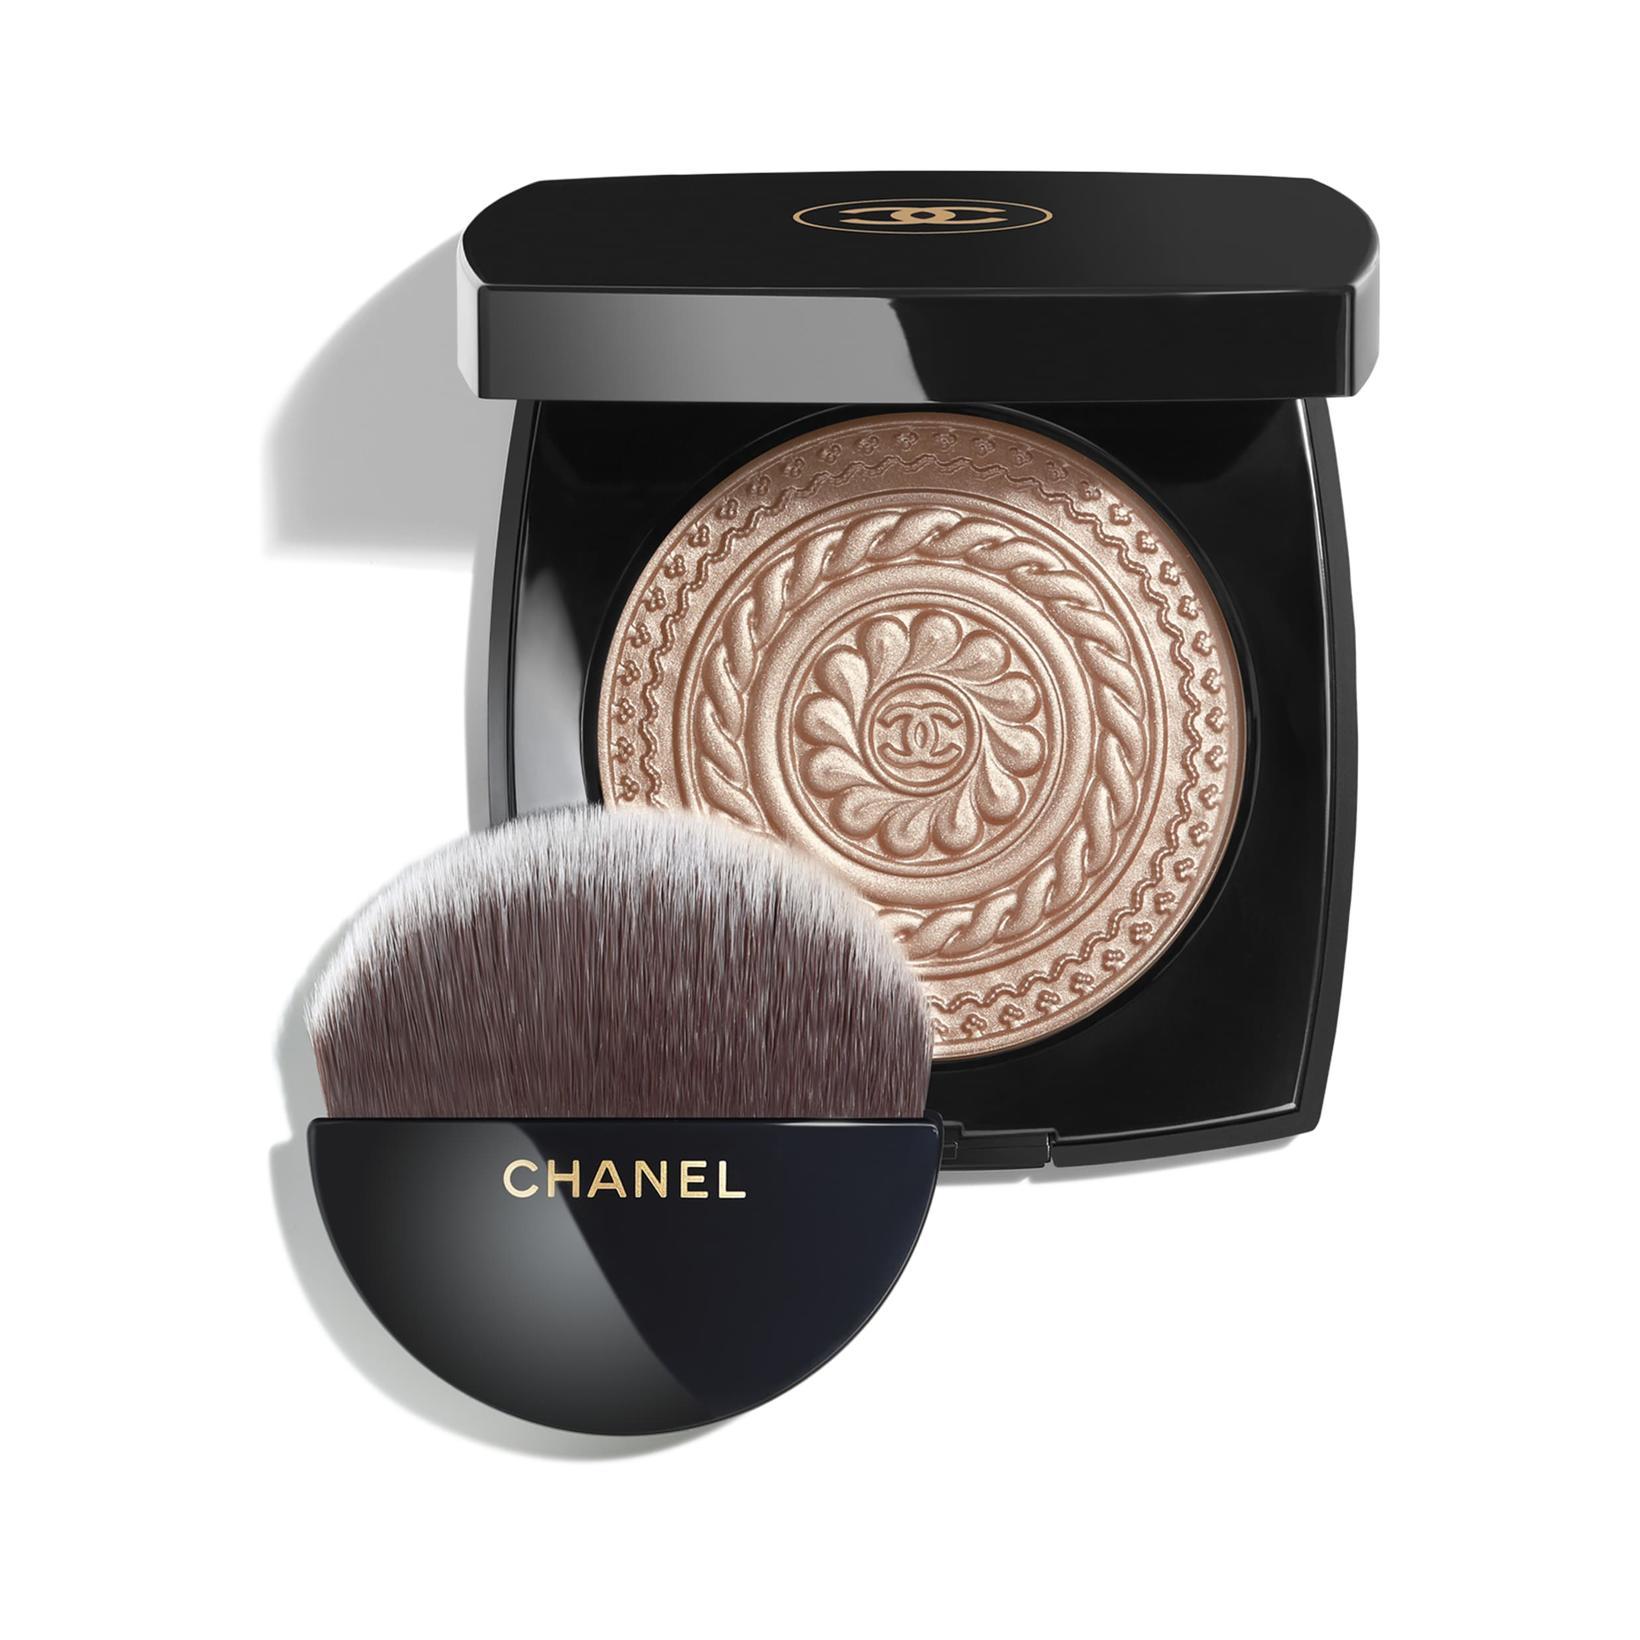 Éclat Magnétique de Chanel er ljómapúður sem verður líklega mjög …